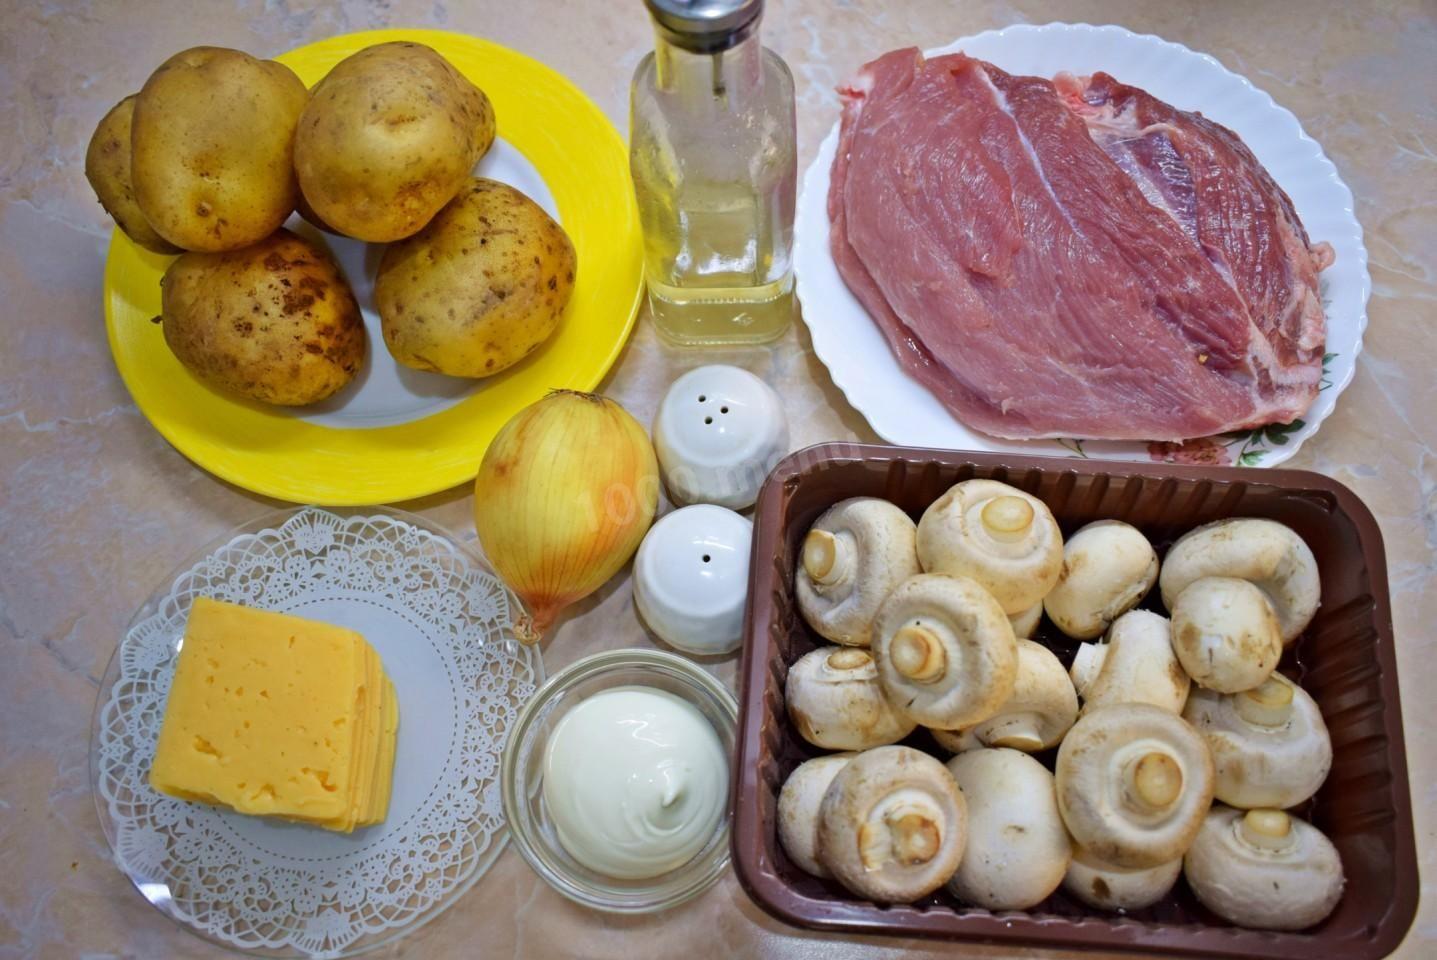 Видеорецепту картофельного тарта аплодировали в Сети: божественный вкус, доступный каждому